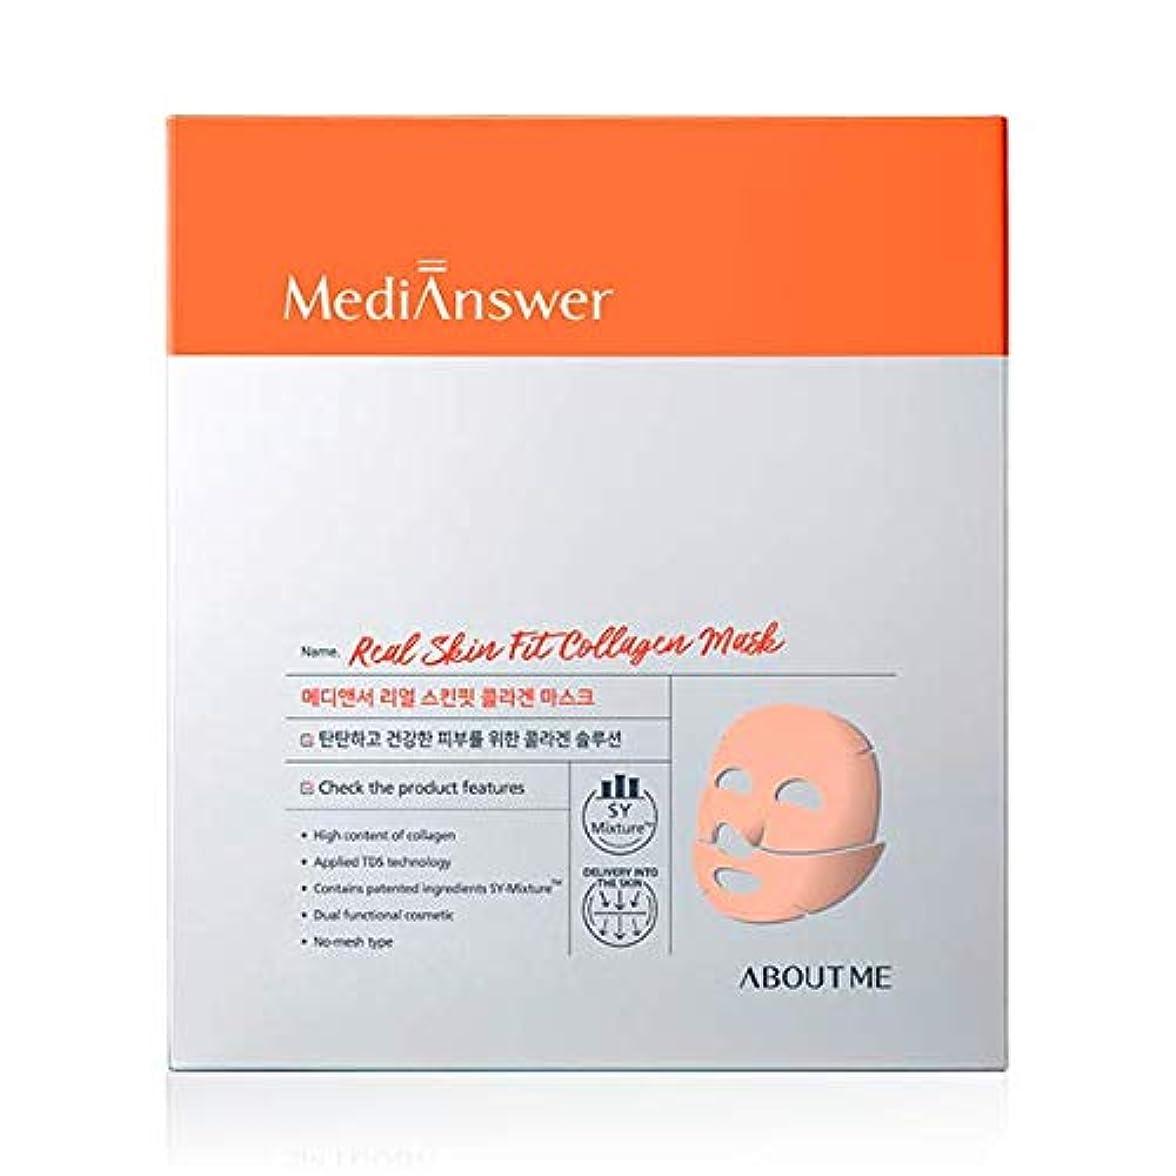 テラス信頼性のある意気消沈した[MediAnswer] メディアンサースキンフィットコラーゲンマスク 35gx4枚 / Real Skin Fit Collagen Mask 35gx4EA [並行輸入品]